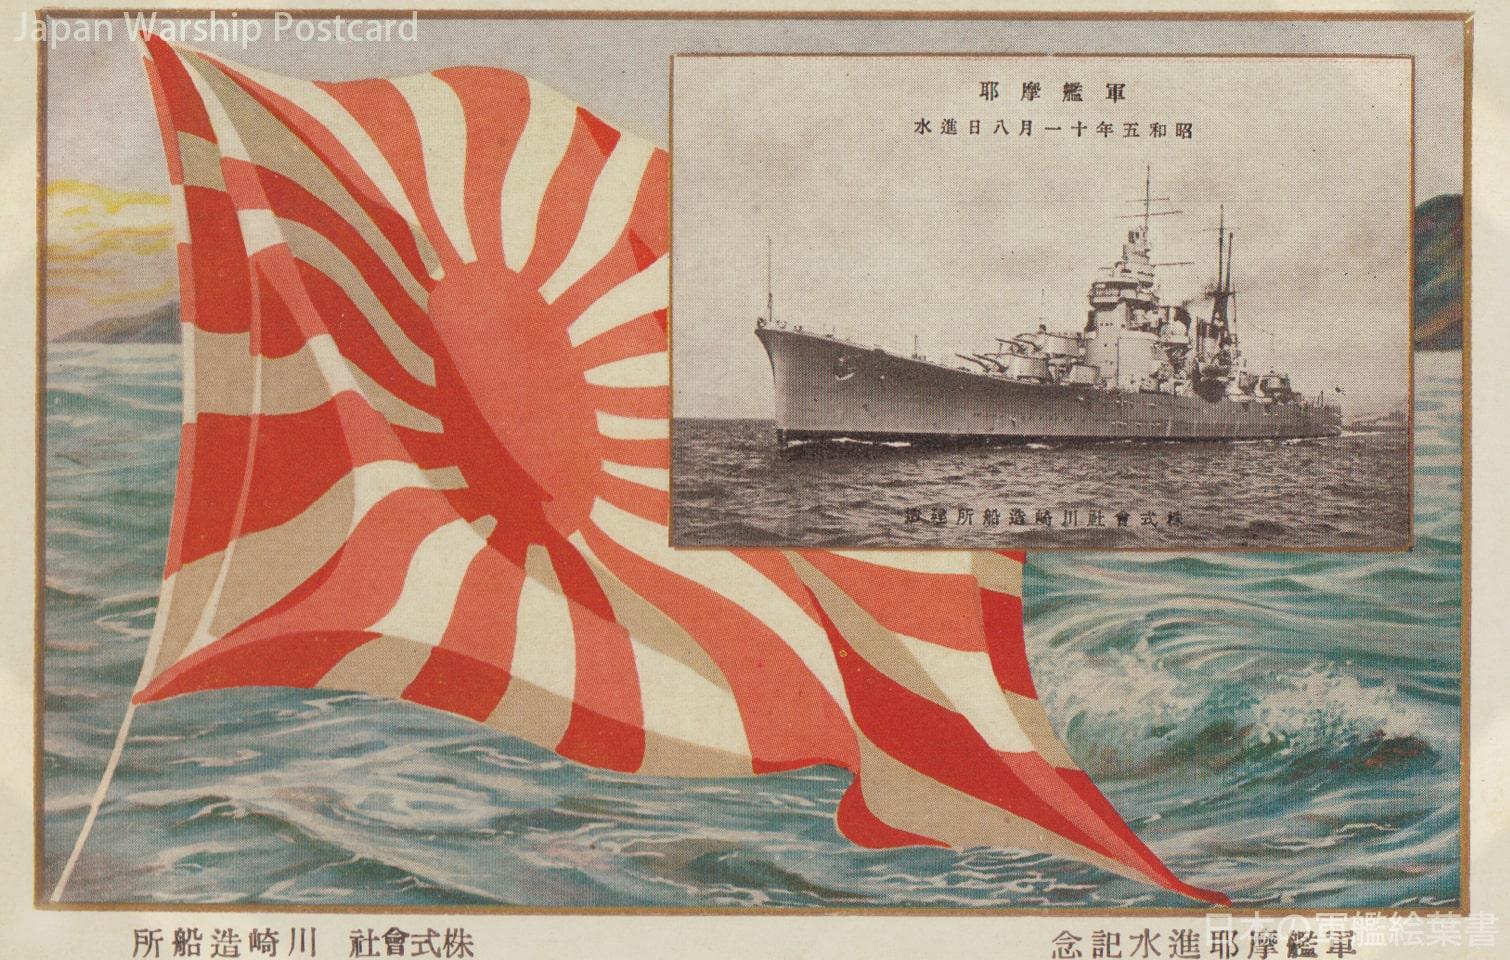 高雄型重巡洋艦「摩耶」